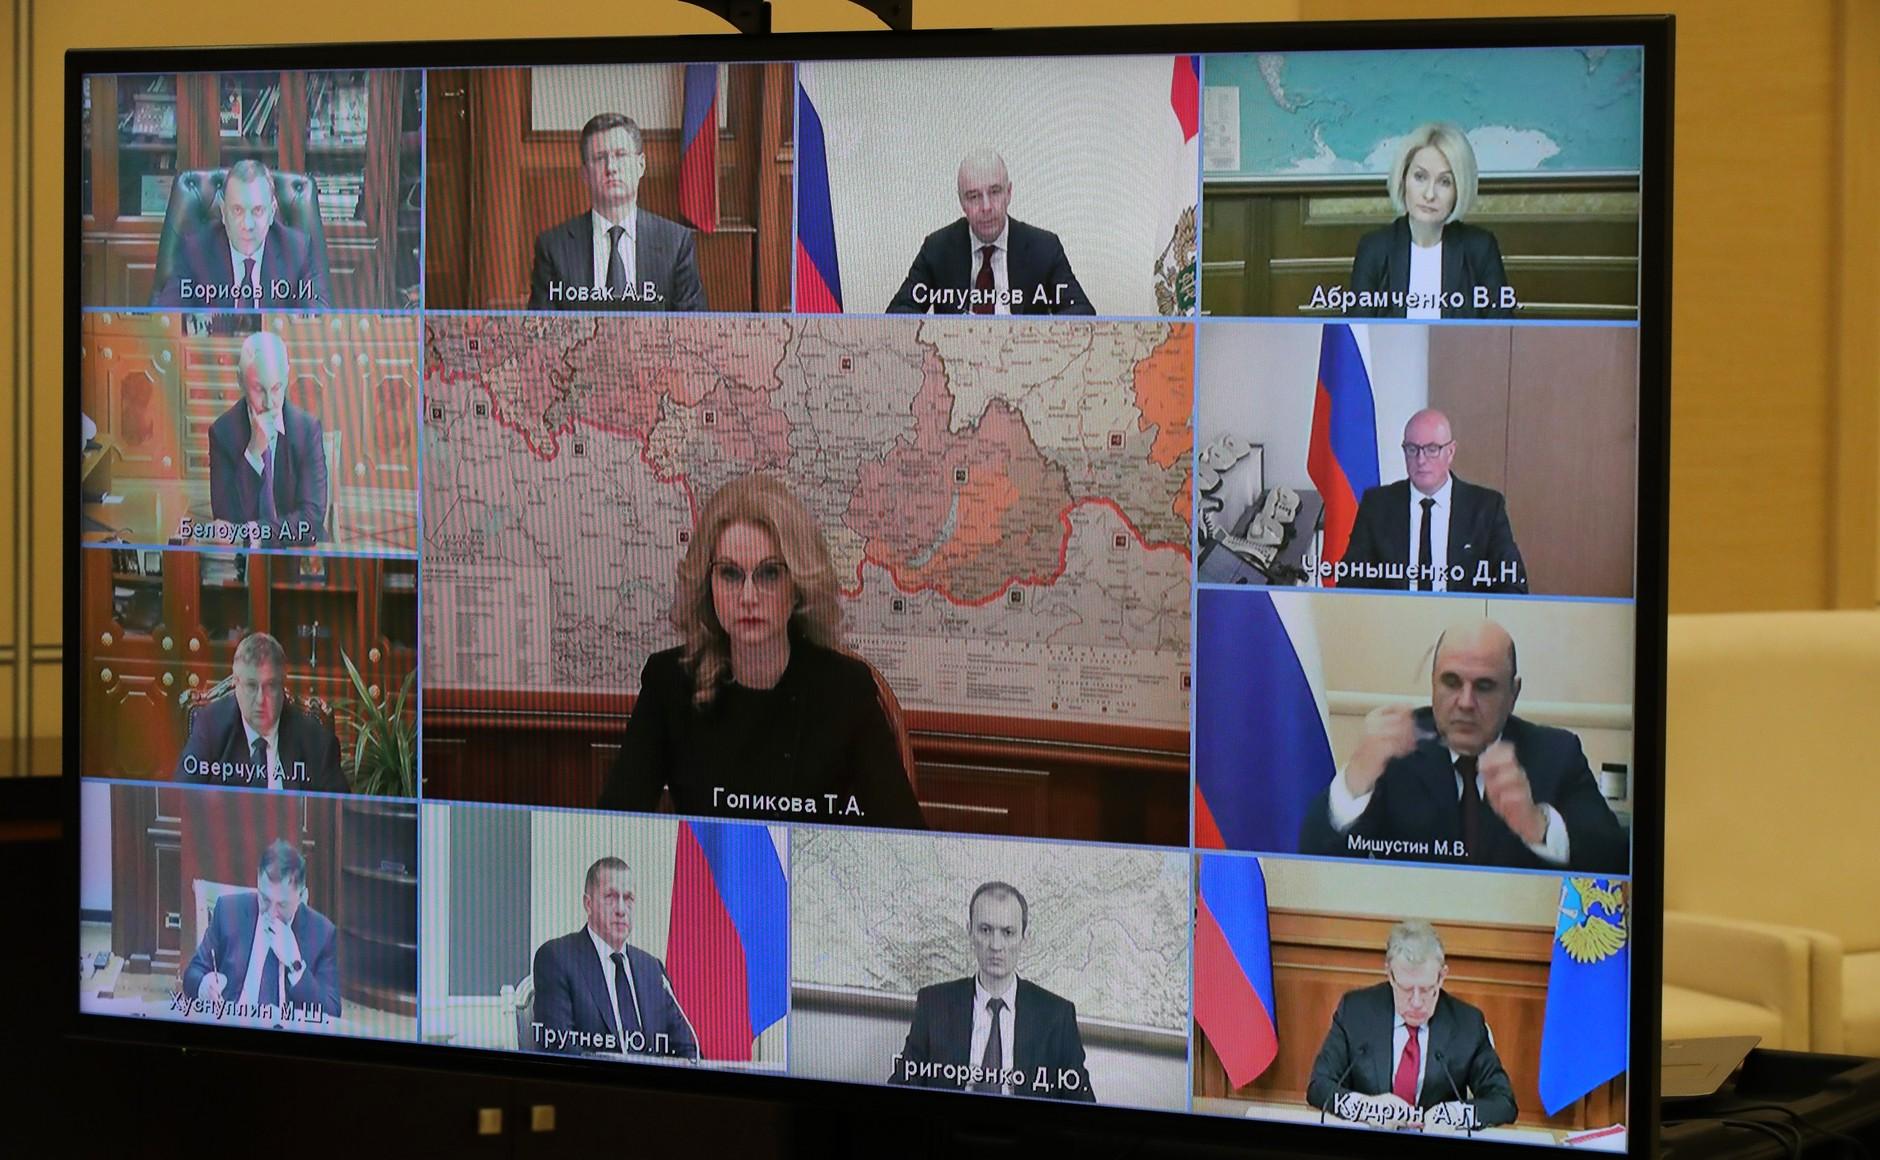 KREMLIN 28 PH 3 XX 4 Rencontre avec les membres du gouvernement 28 janvier 2021